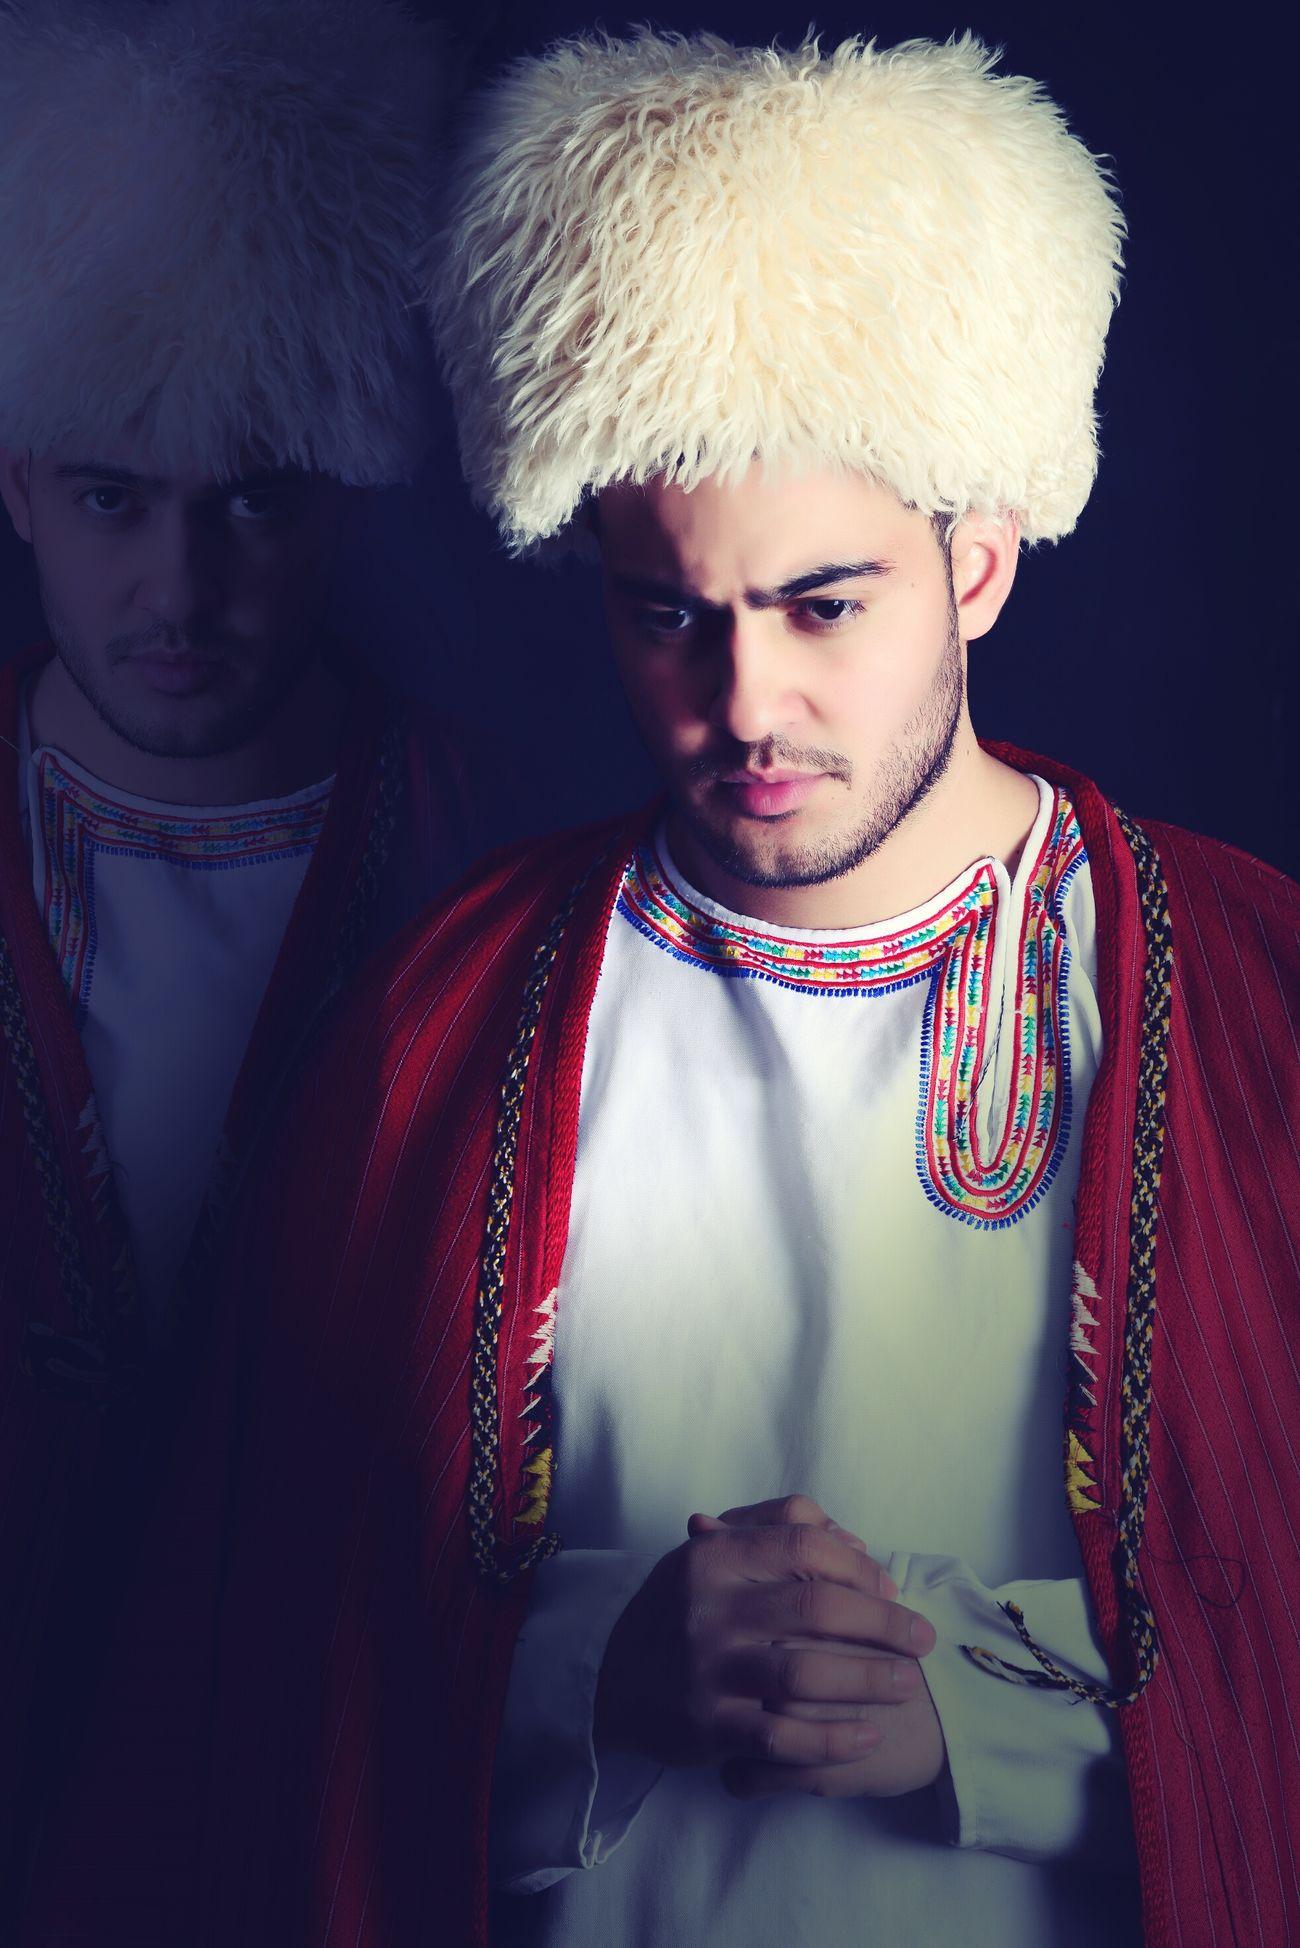 Meeenhan Turkmen Turkmenistan Turkmendress Traditional National Dress People Modelphotography Fashion Model Model Handsome